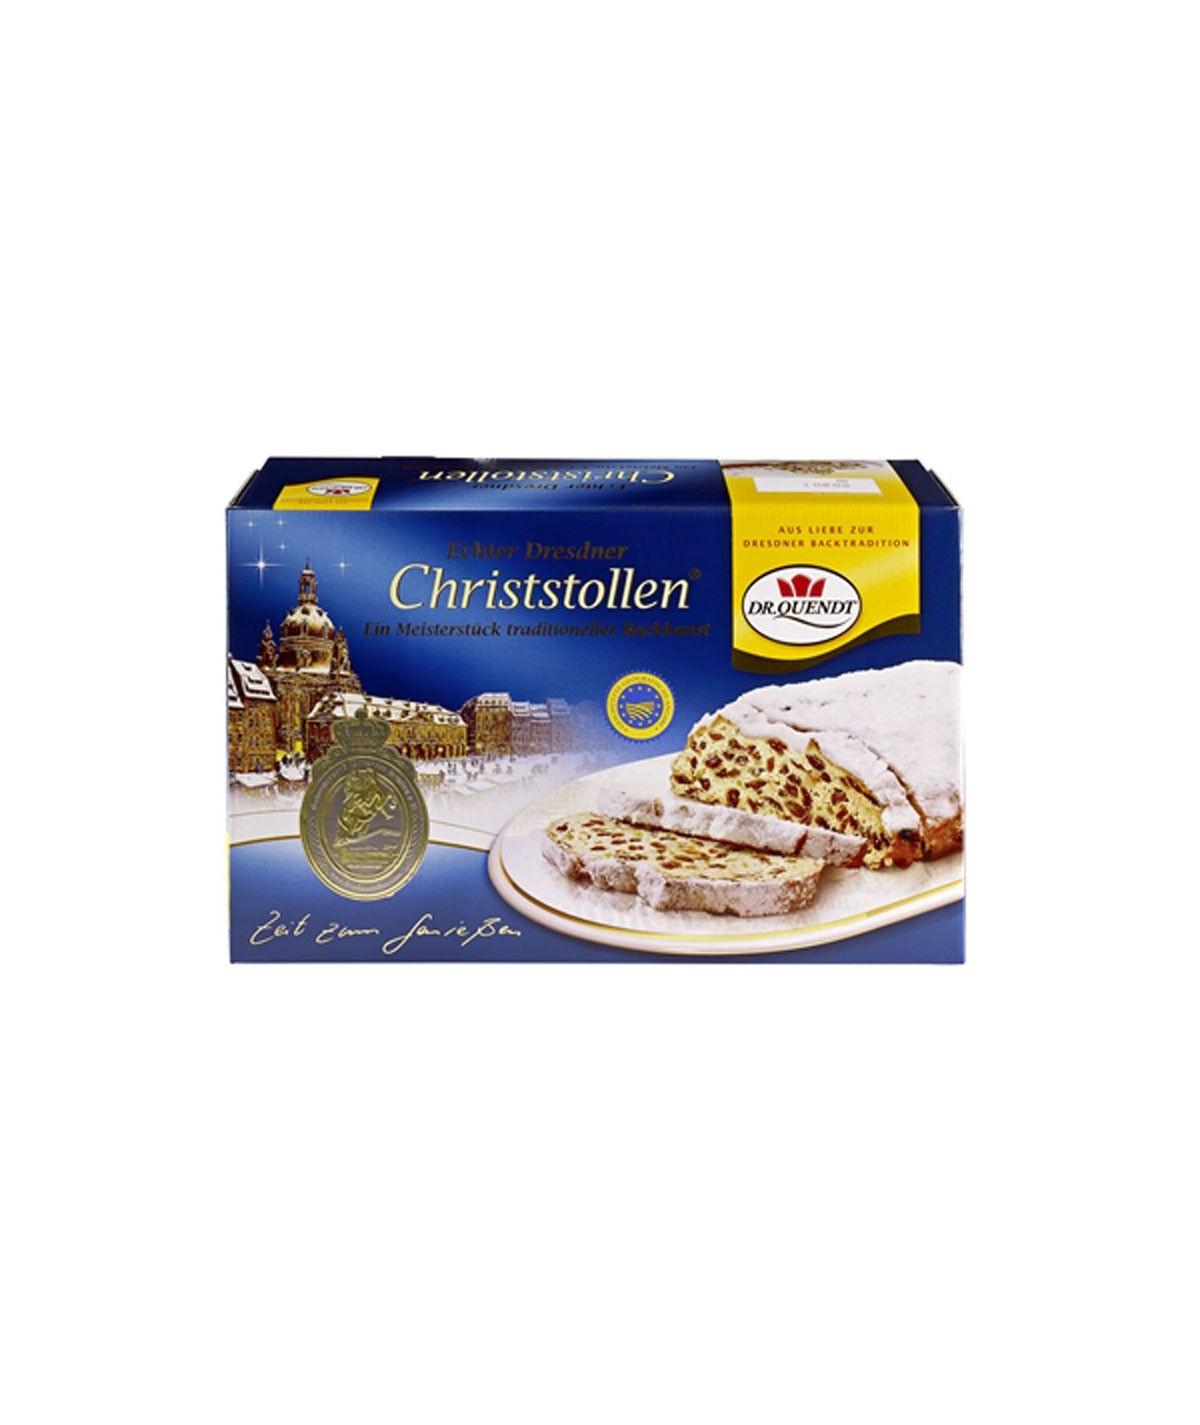 Dresdner Christstollen 1kg